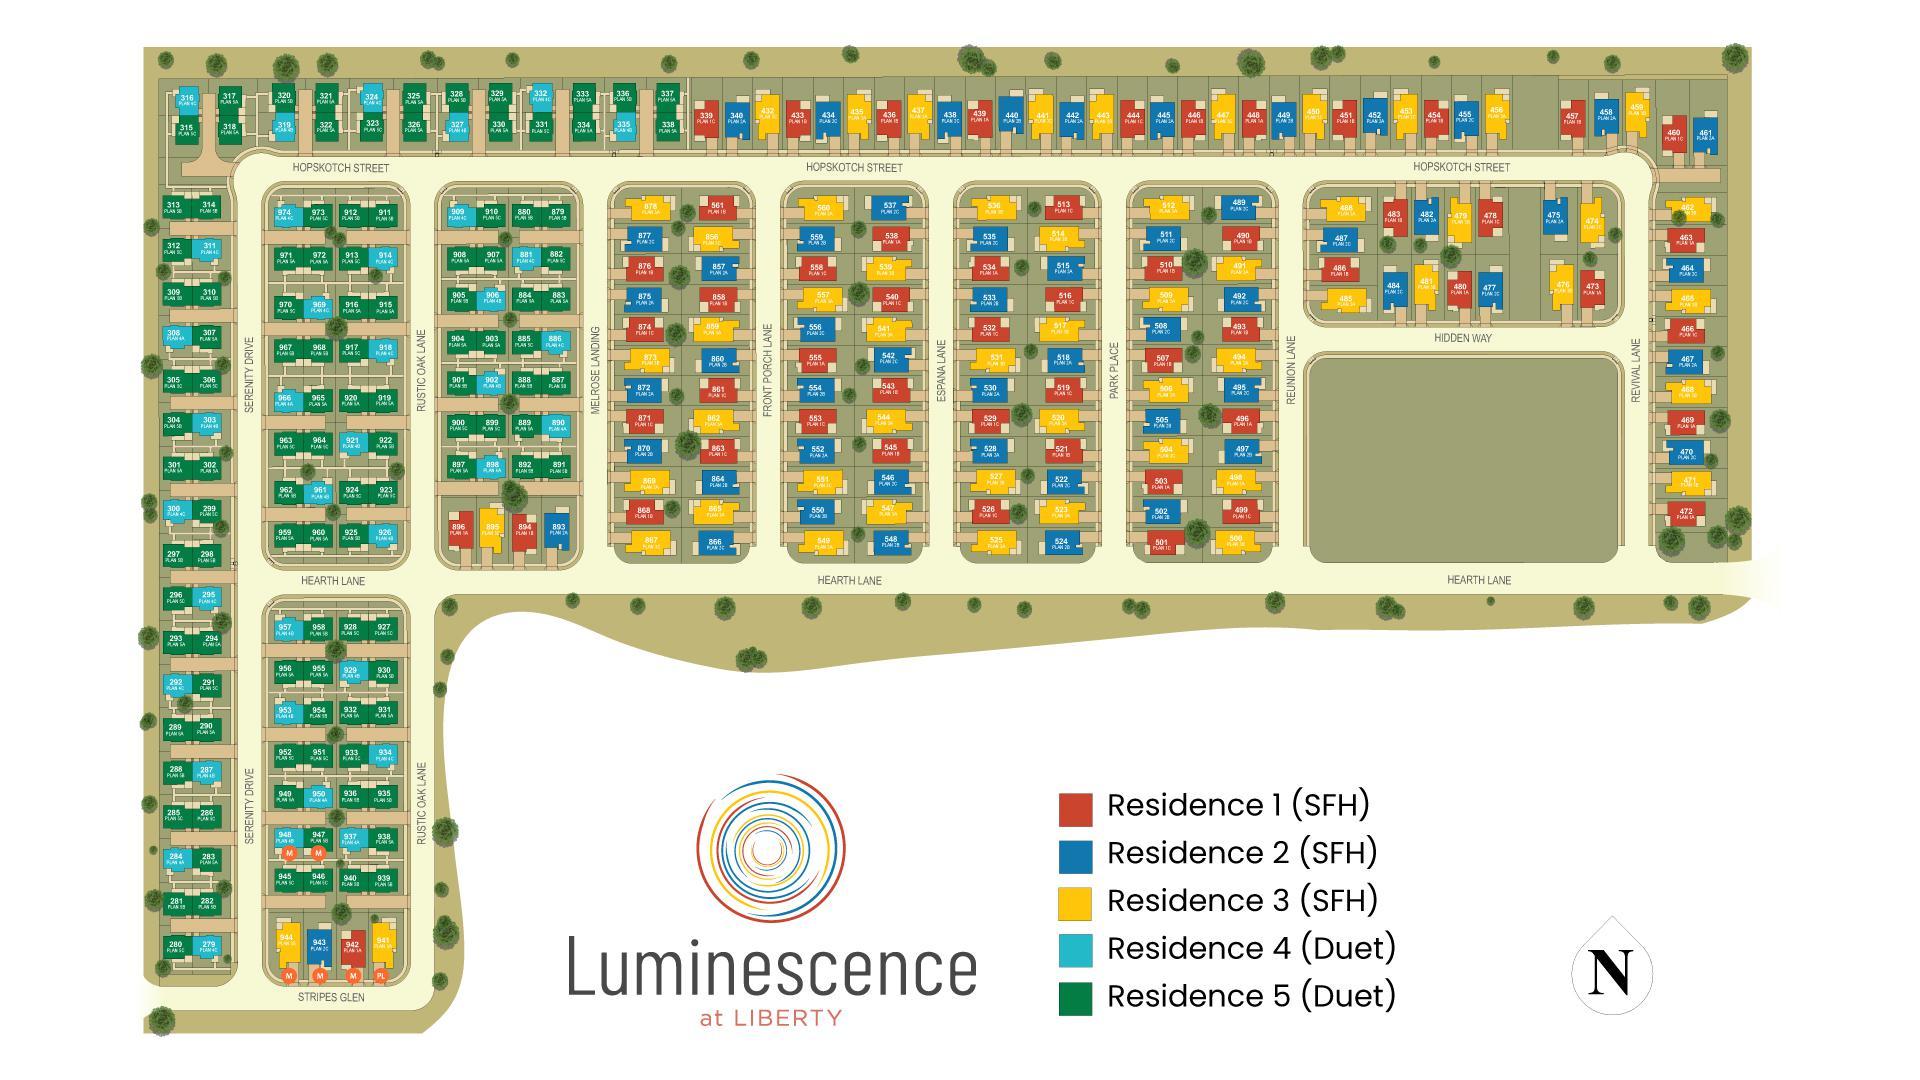 Luminescence at Liberty Site Map. Rio Vista, CA New Homes